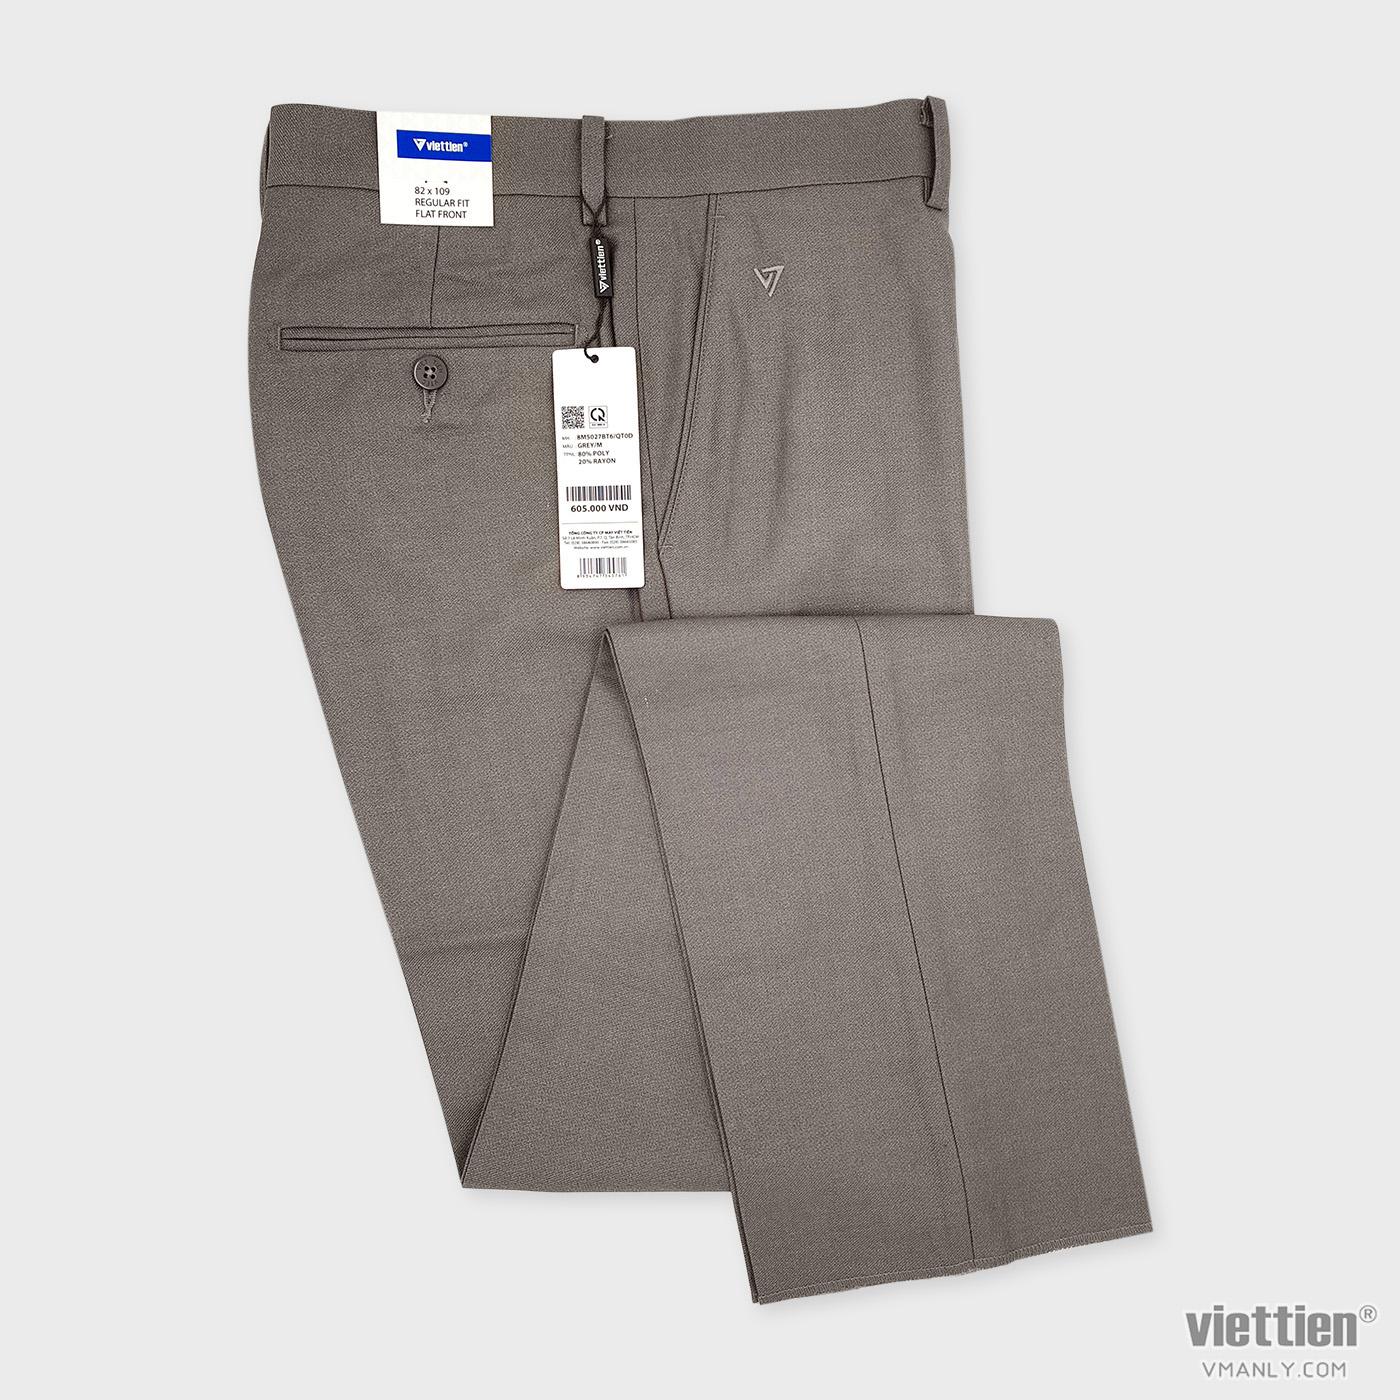 Quần tây Việt Tiến không li regular fit màu xám grey 8M5027BT6QT0D